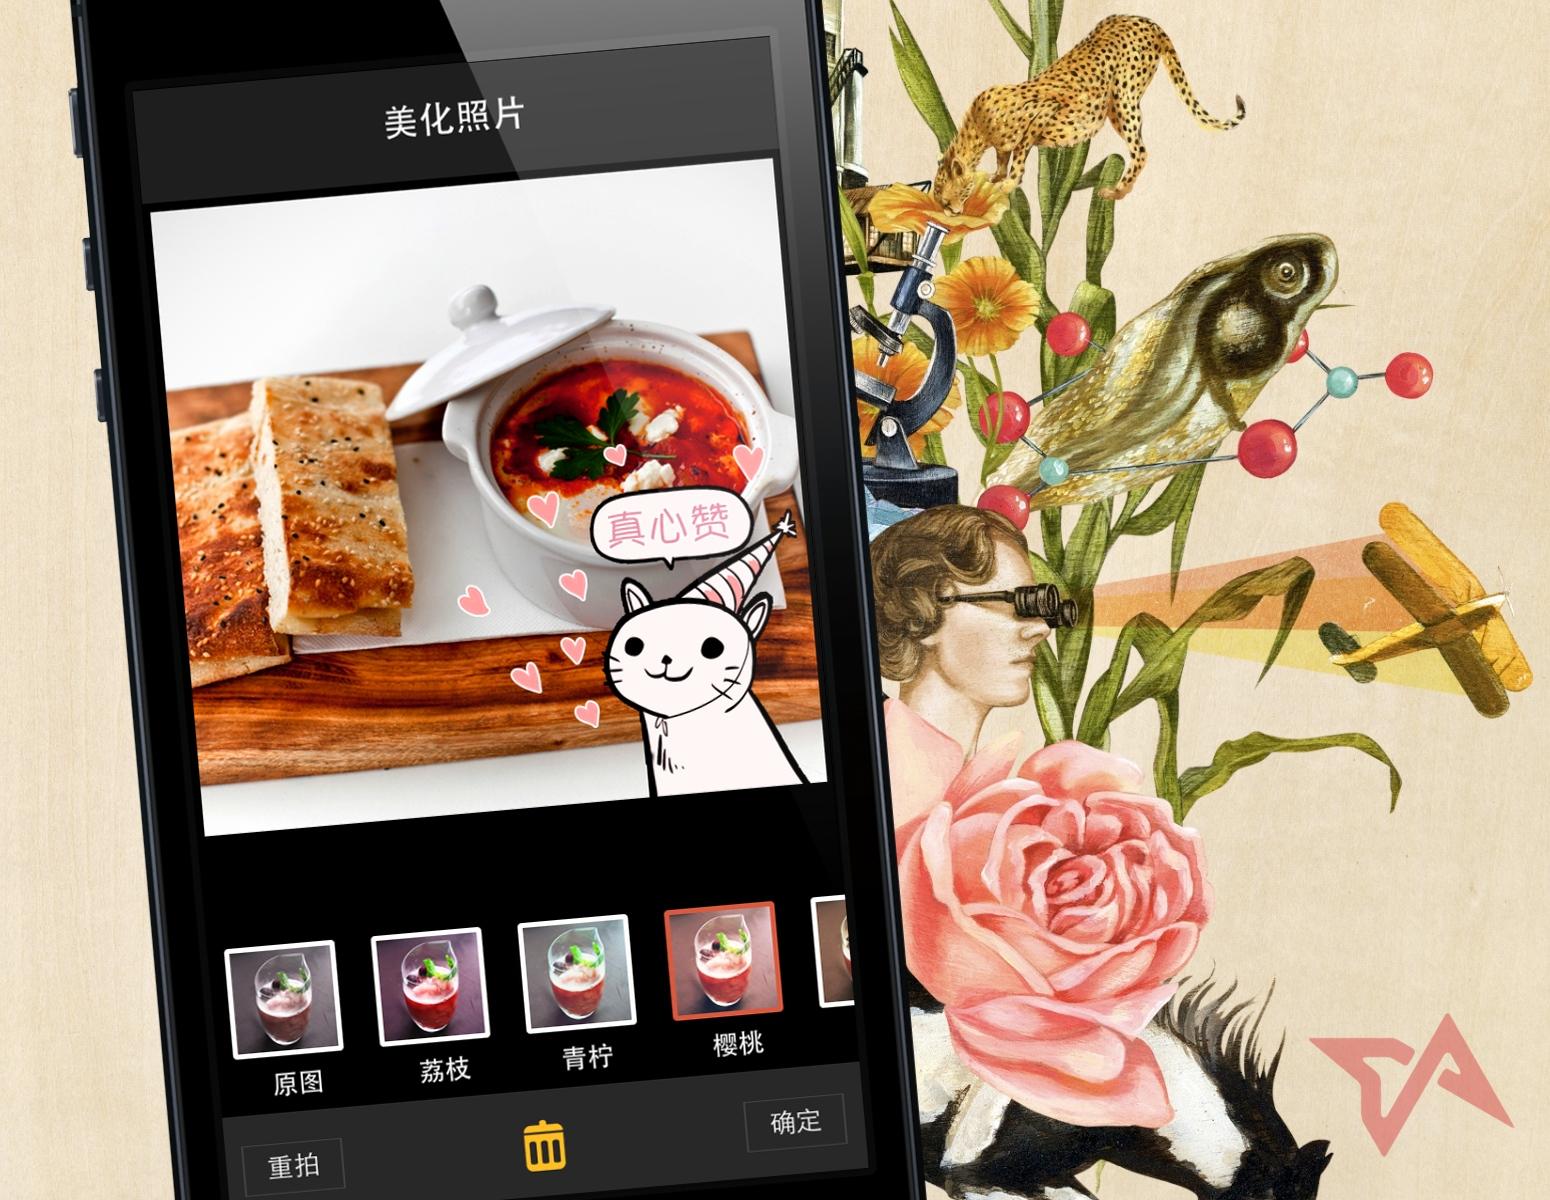 Ricebook foodie app in China